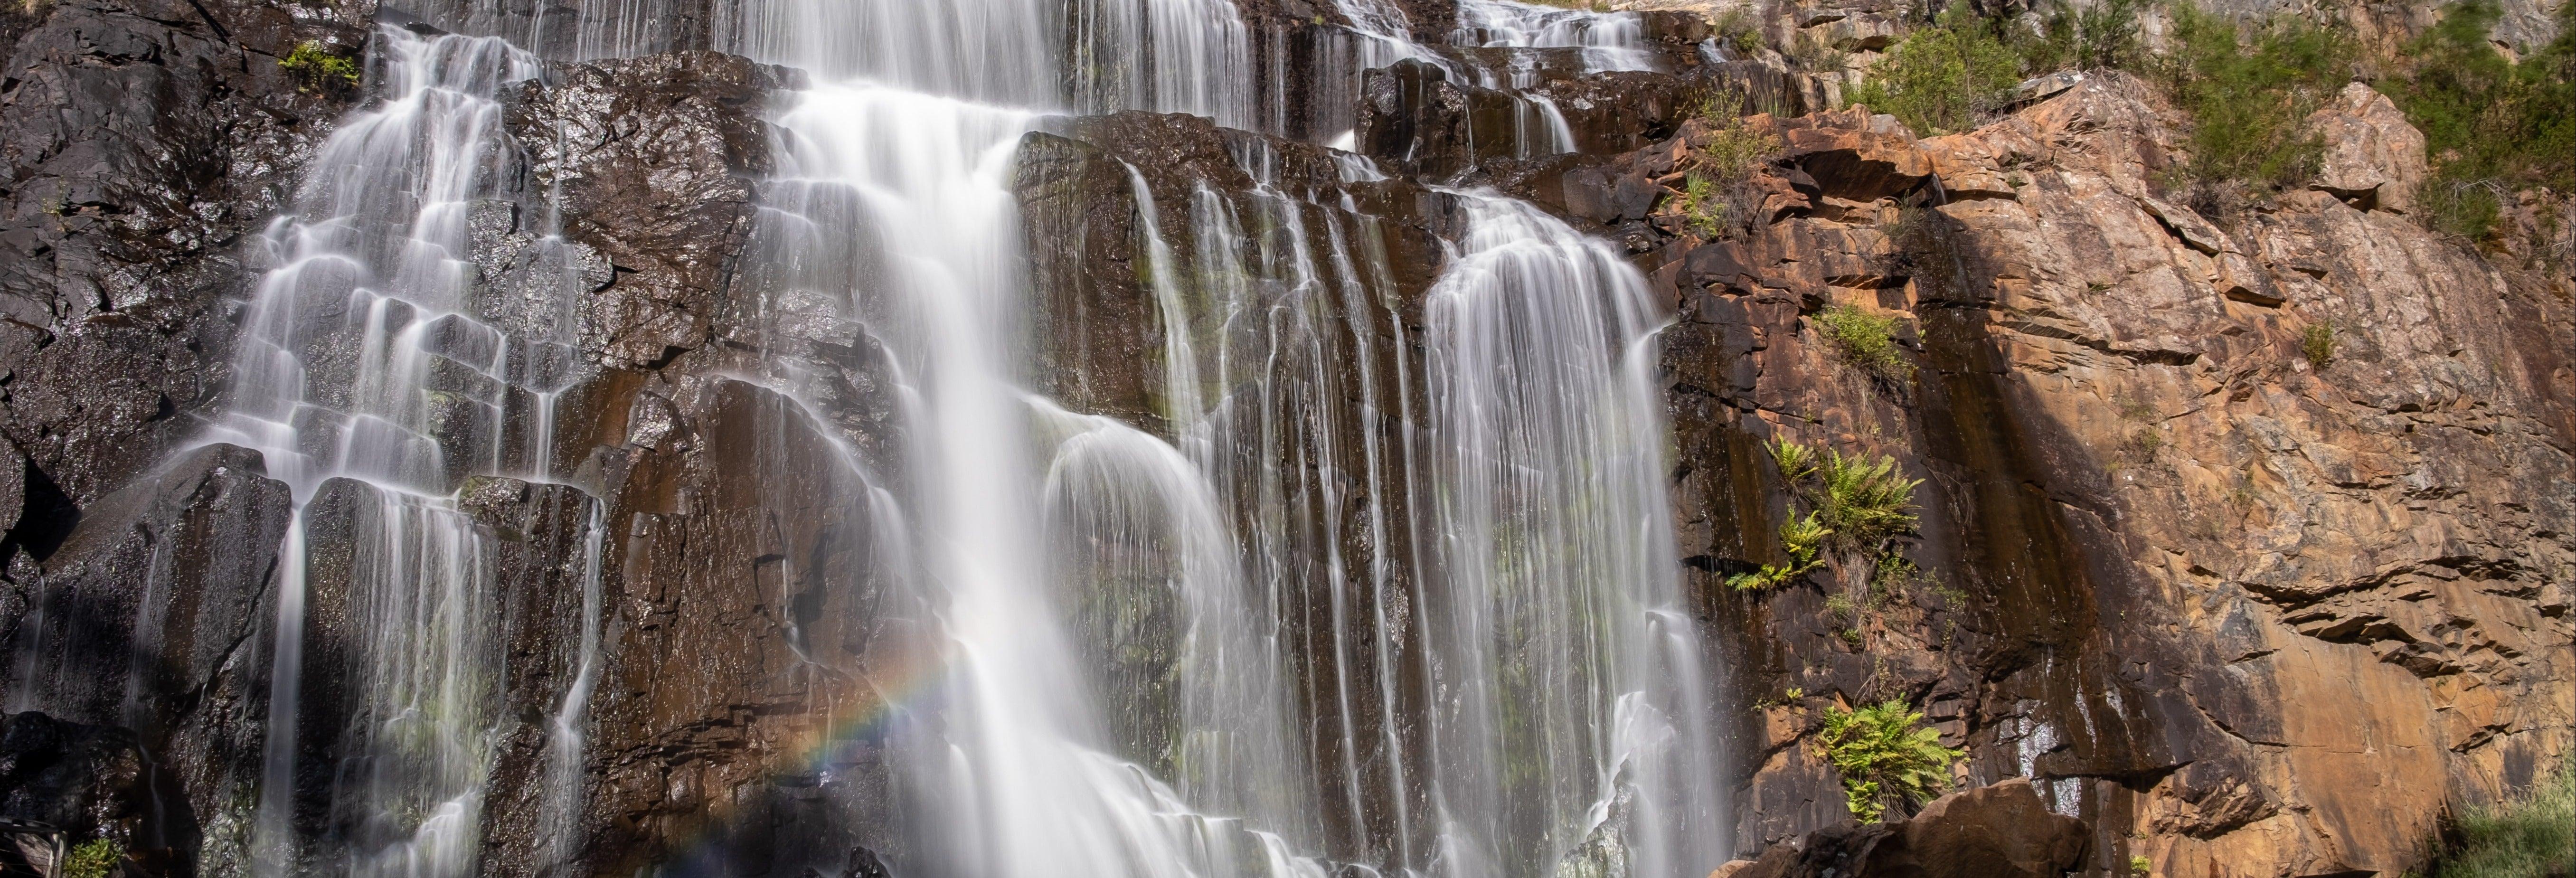 Excursão ao Parque Nacional Grampians